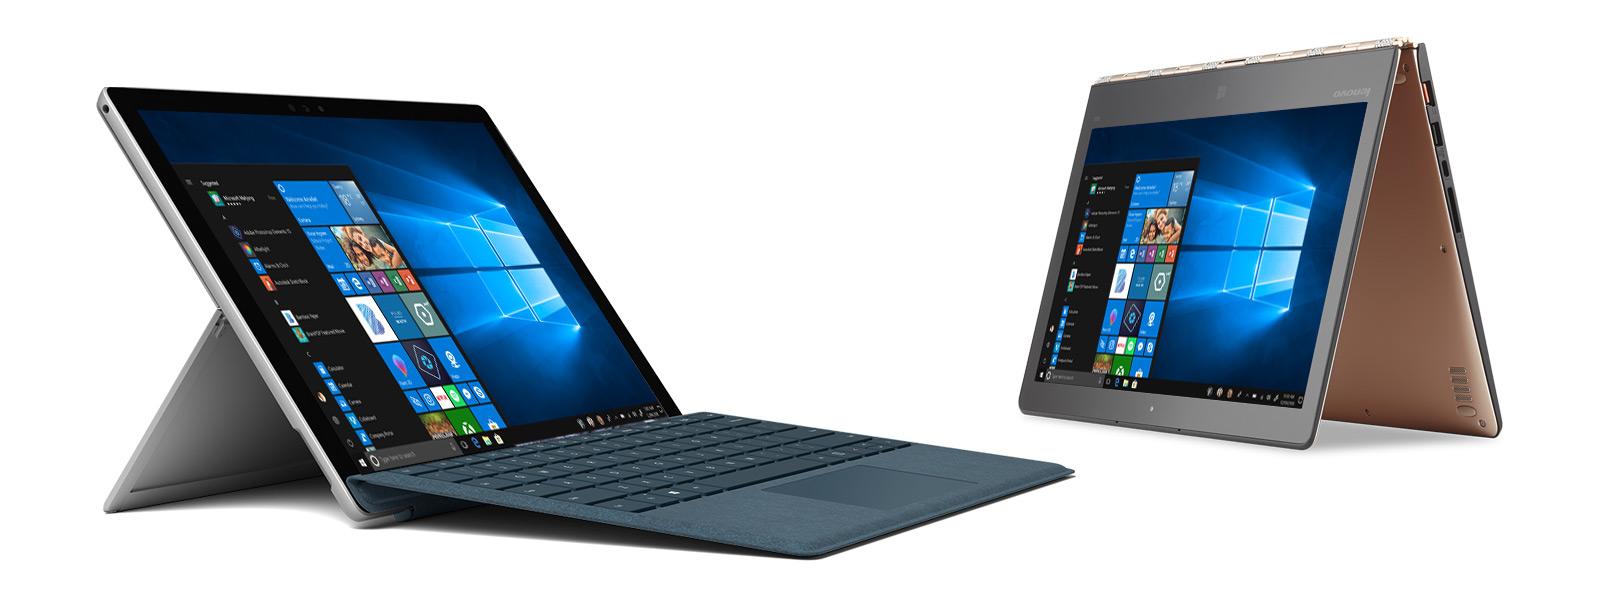 Microsoft Surface Pro の右側から角度をつけた画像とテント モードの HP Spectre x360 の左側から角度をつけた画像。